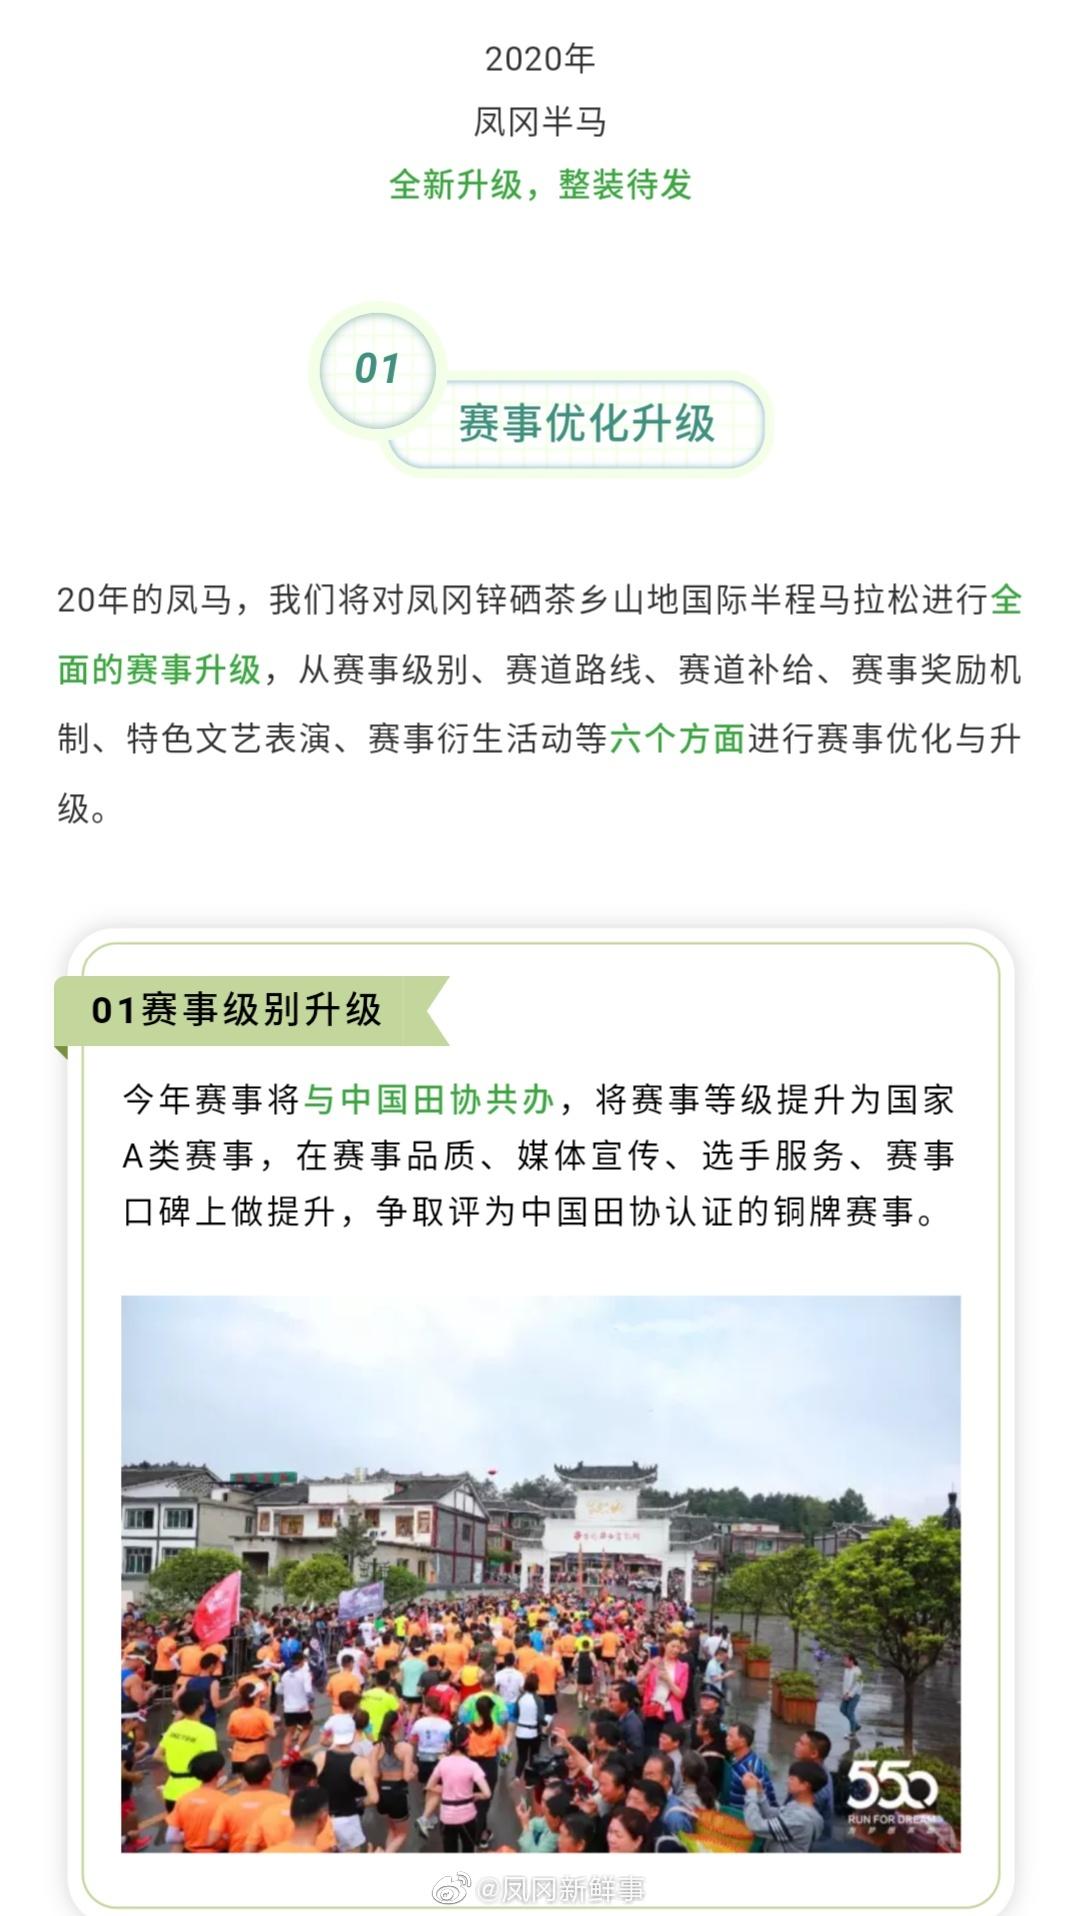 2020贵州·凤冈锌硒茶乡山地国际半程马拉松赛来啦